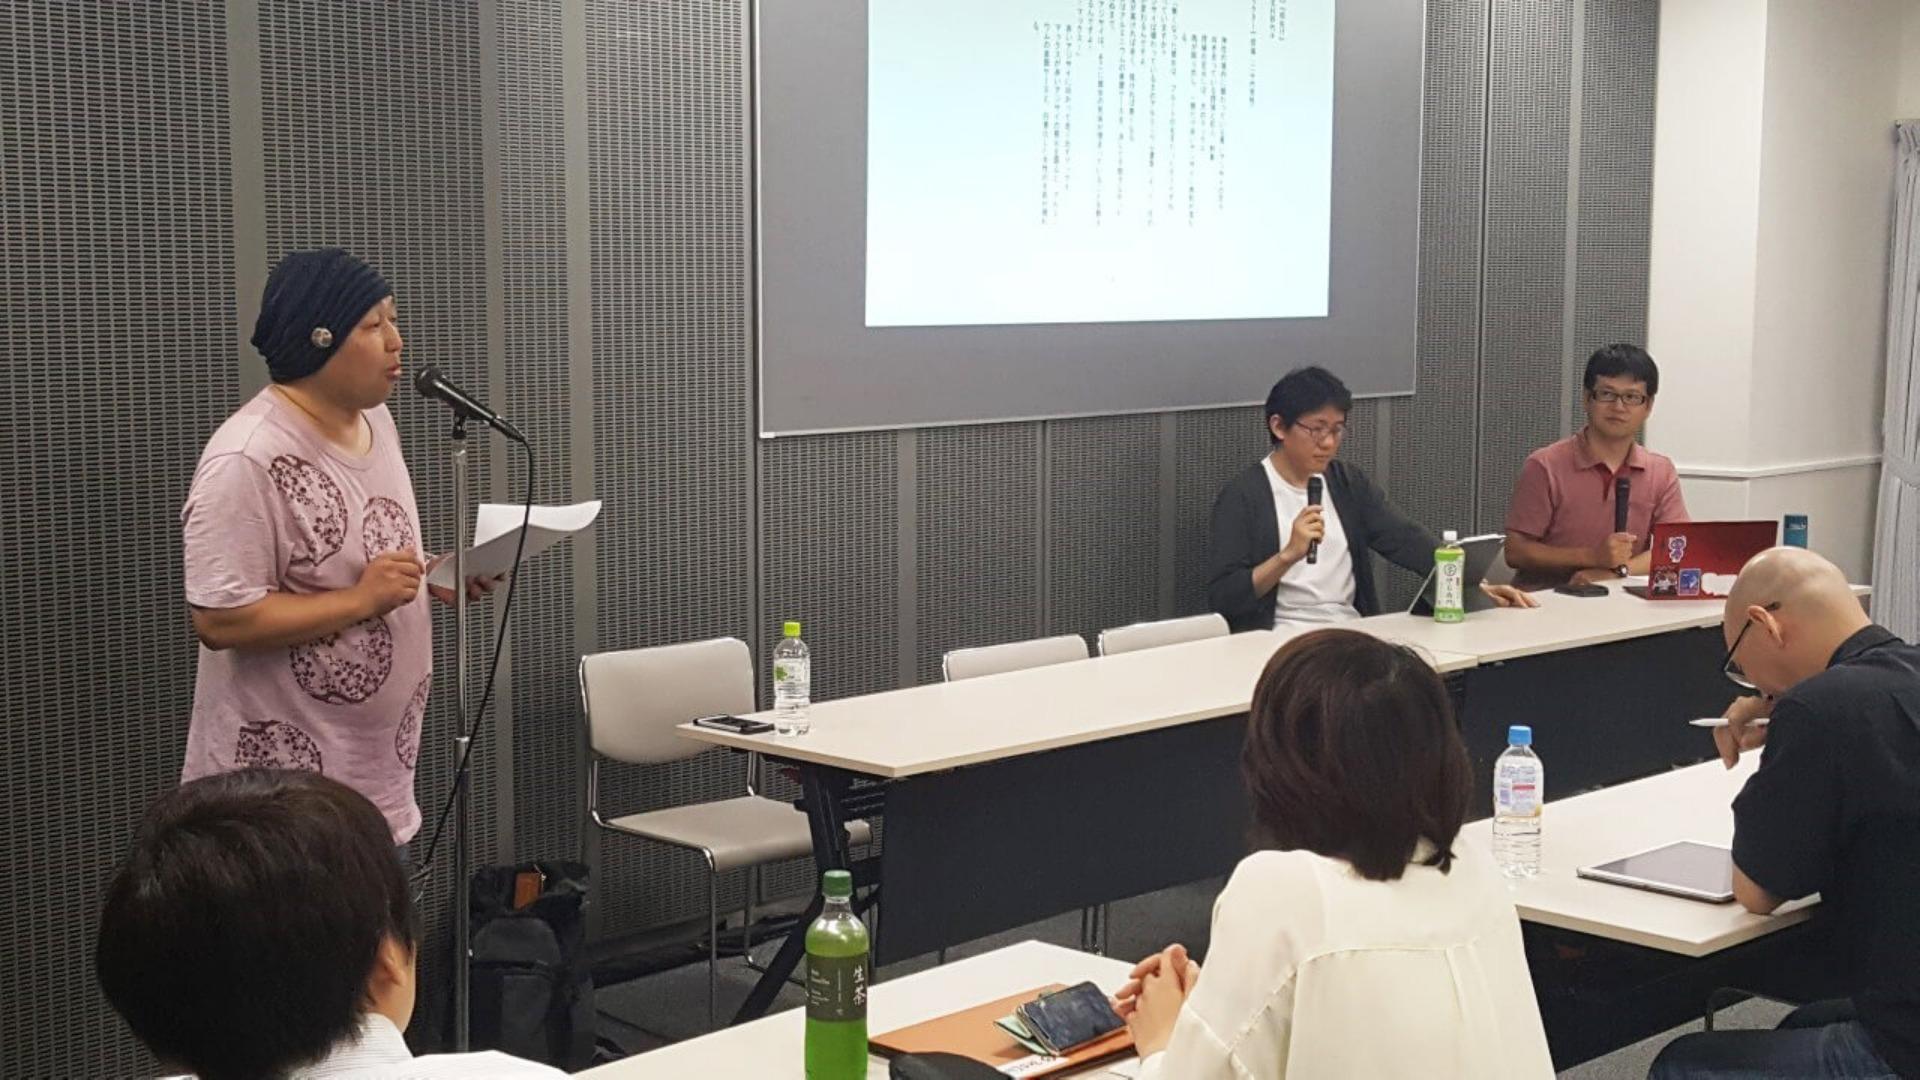 【イベント模様】声優×脚本家~演技から学ぶ創作講座~